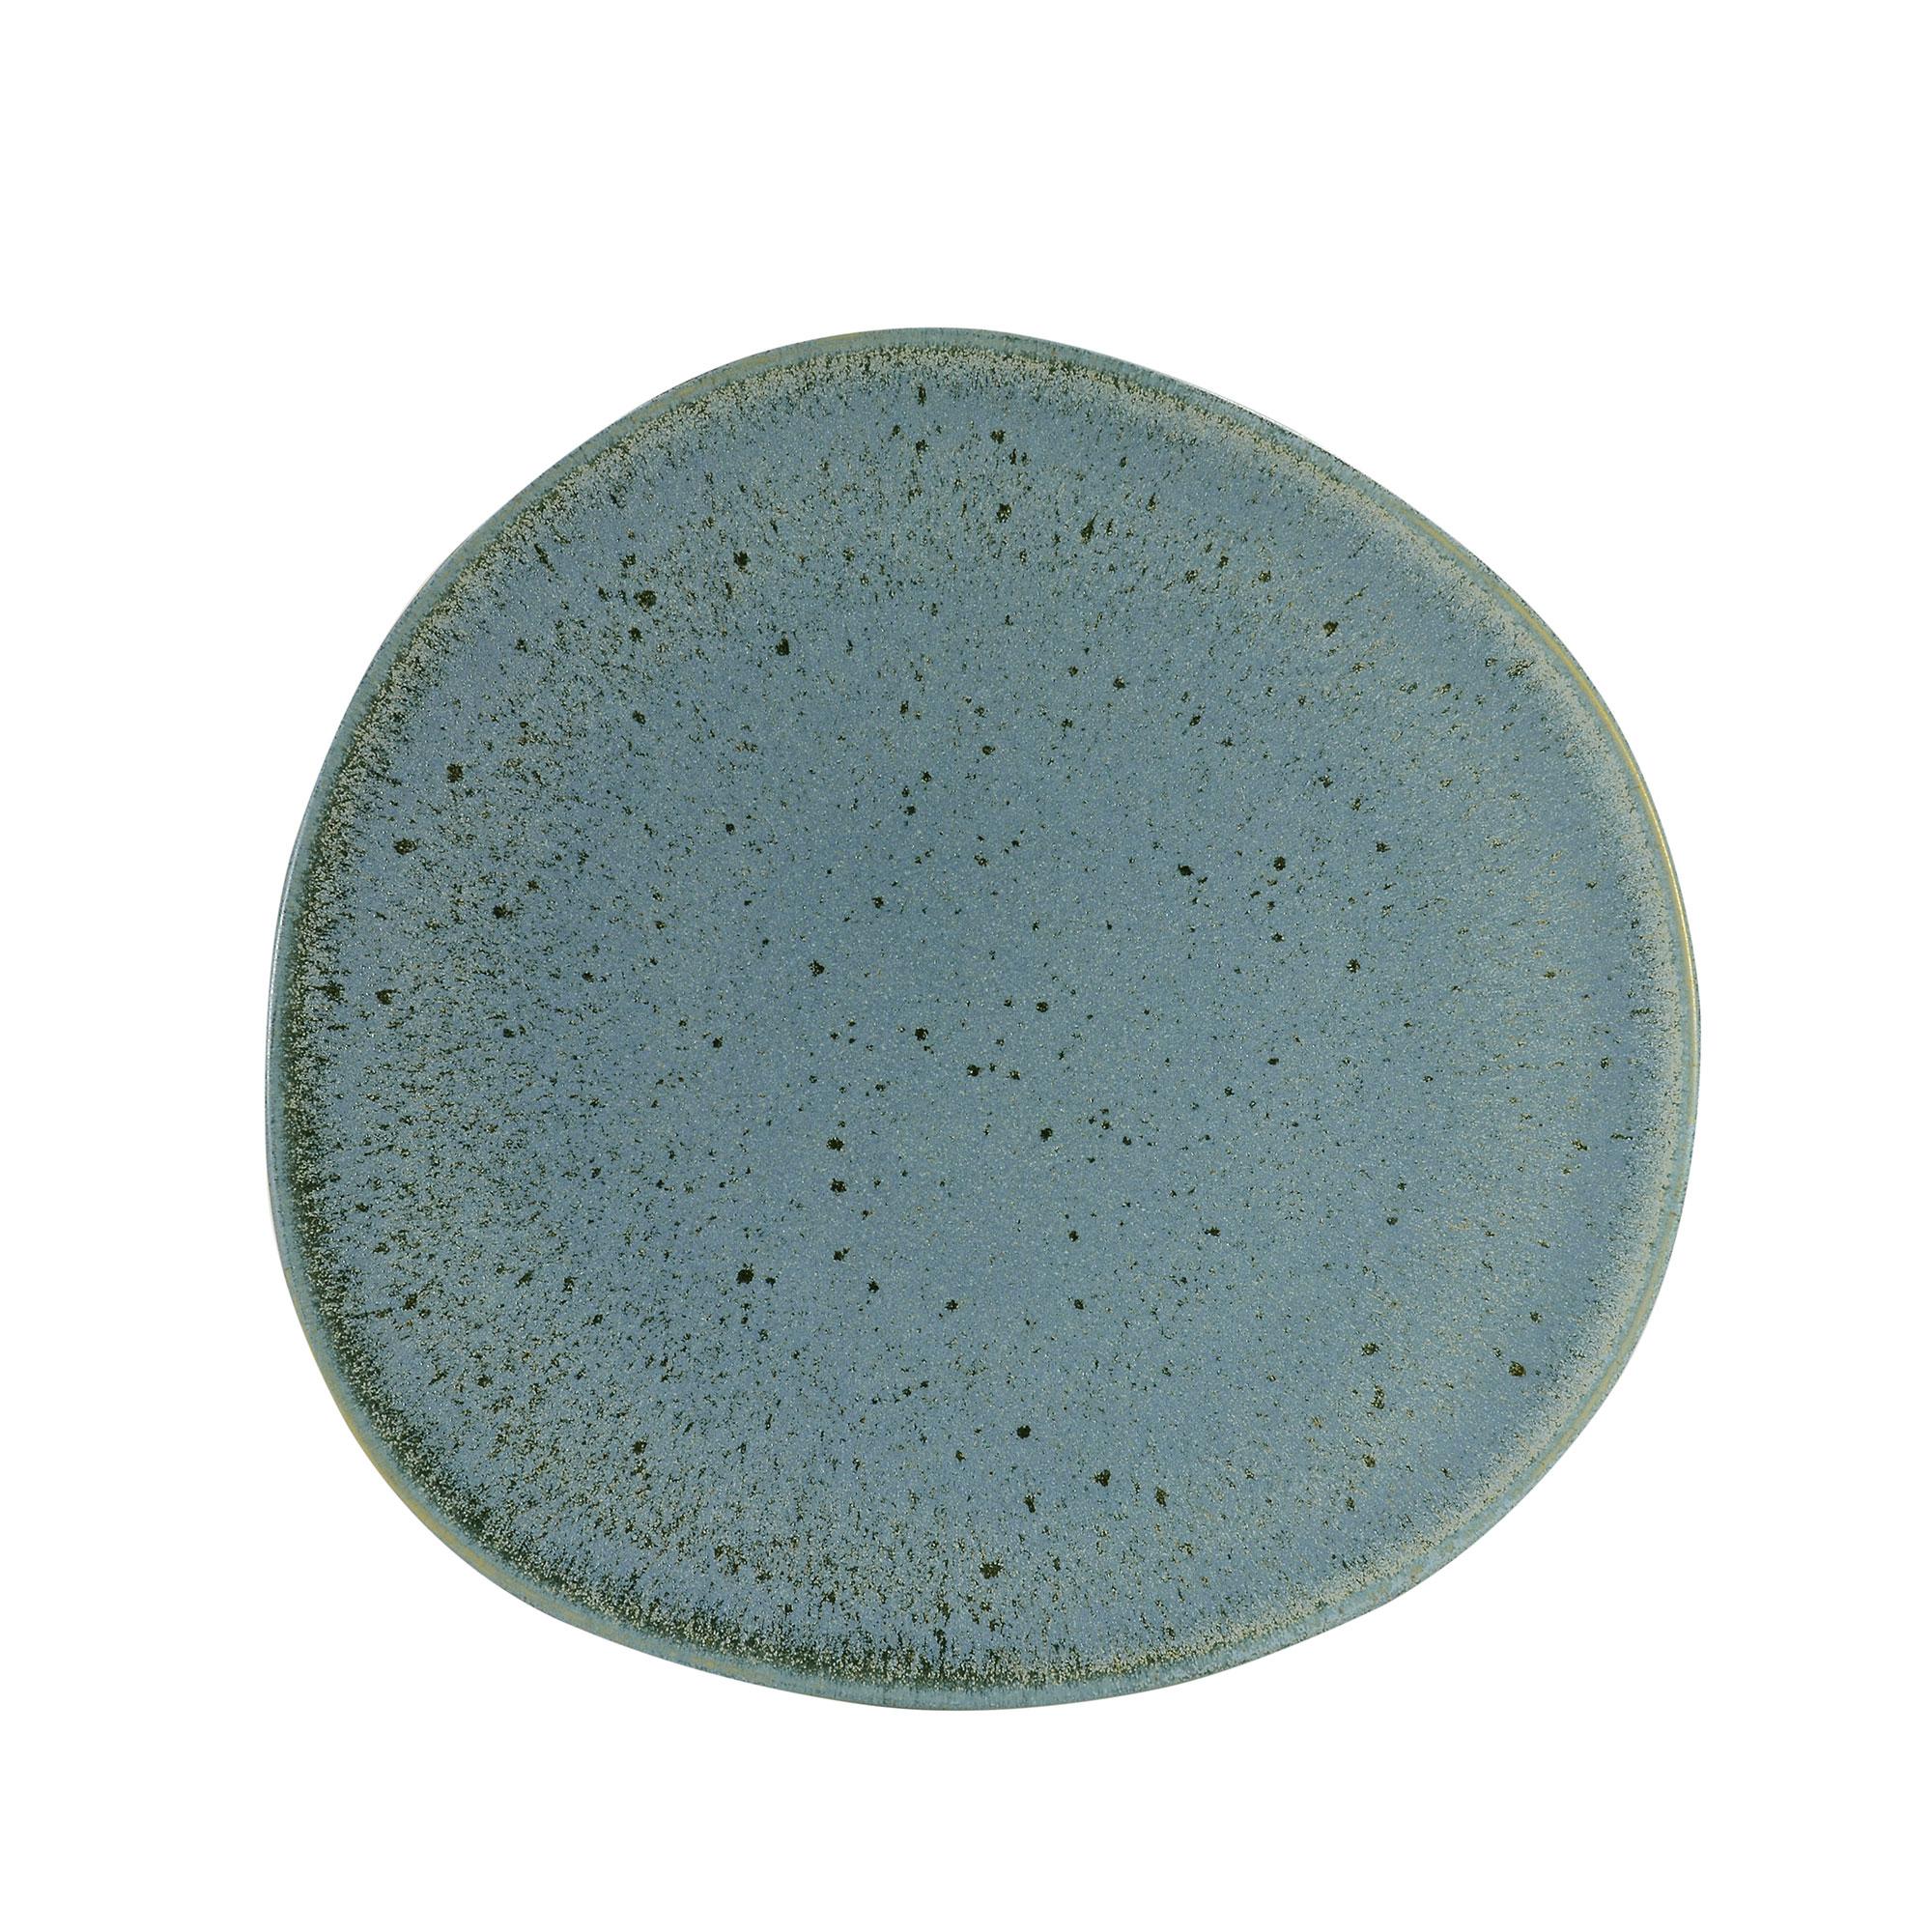 Assiette dessert en grès réactif bleu 22 cm - Lot de 6